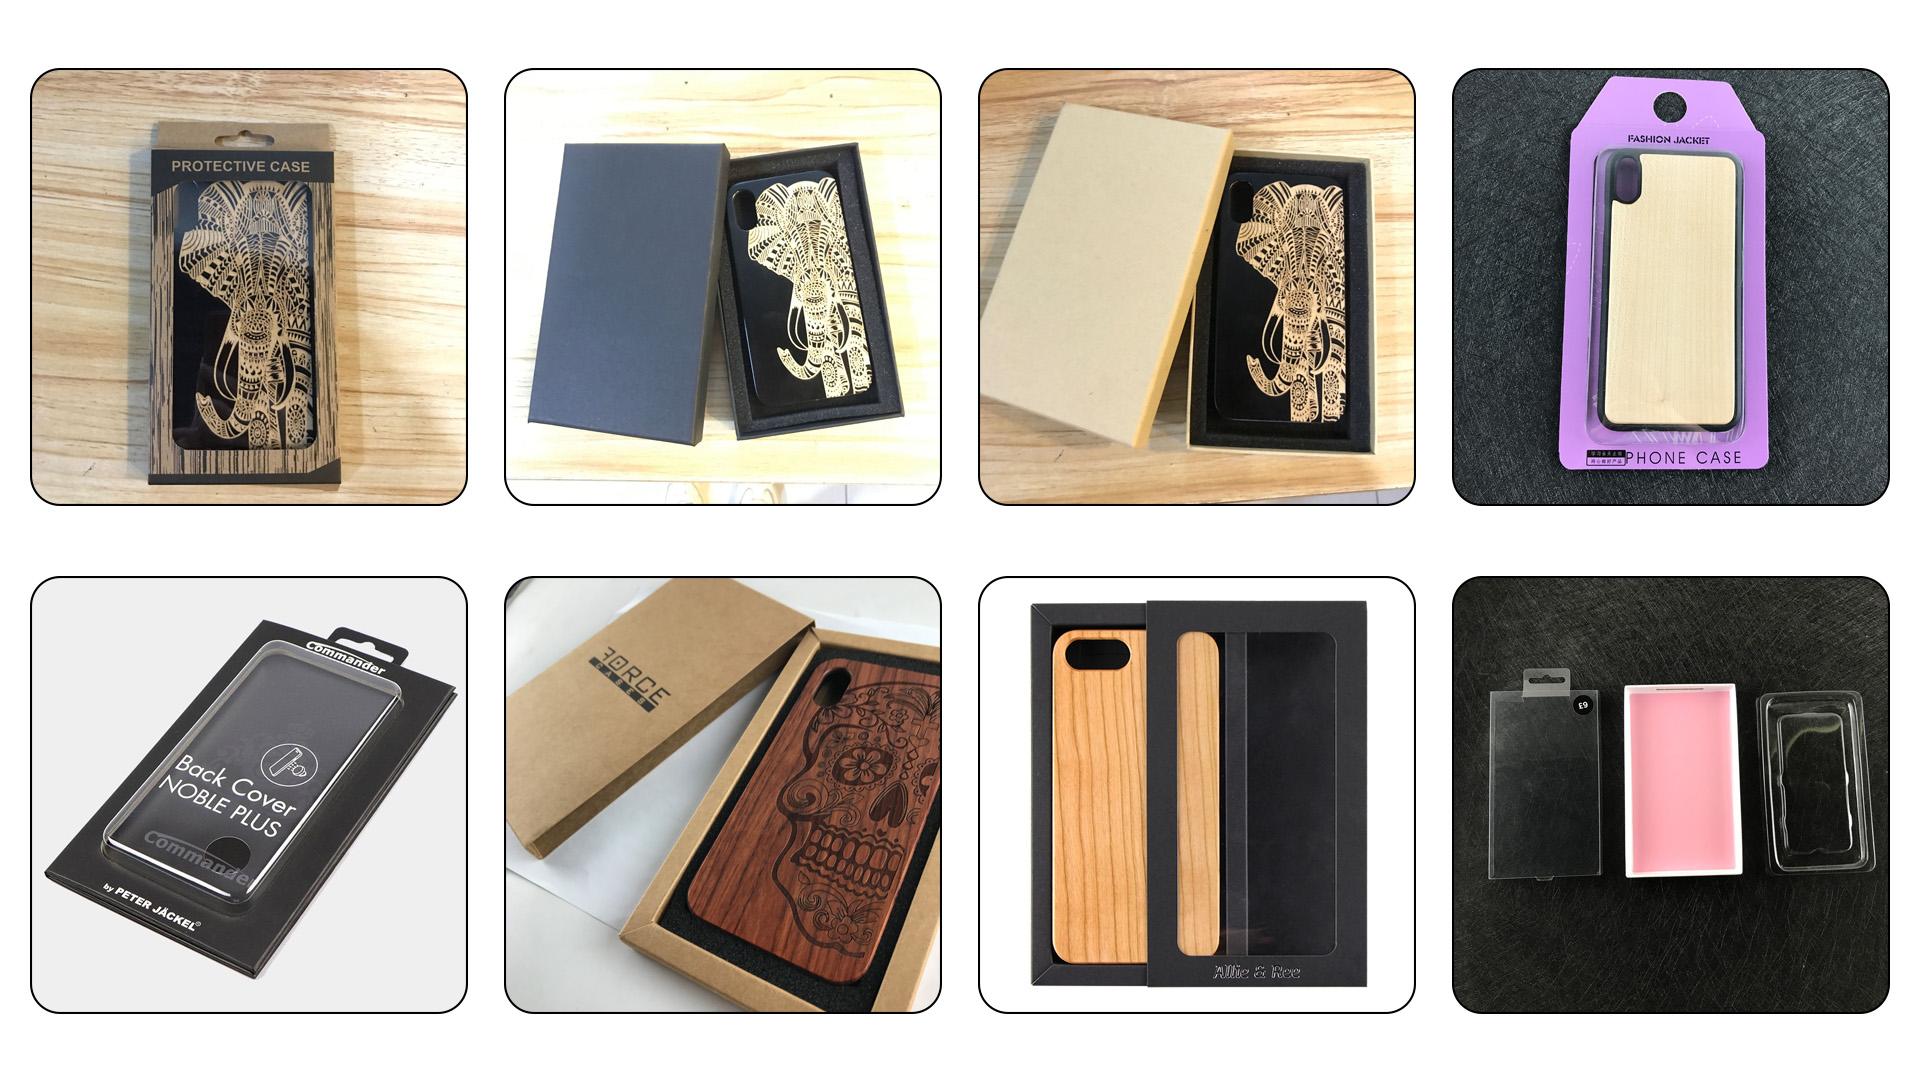 Kersenhout Graveren Case Solid PC Metalen Cover Mobiele Telefoon Accessoire Voor iPhone 7 Plus